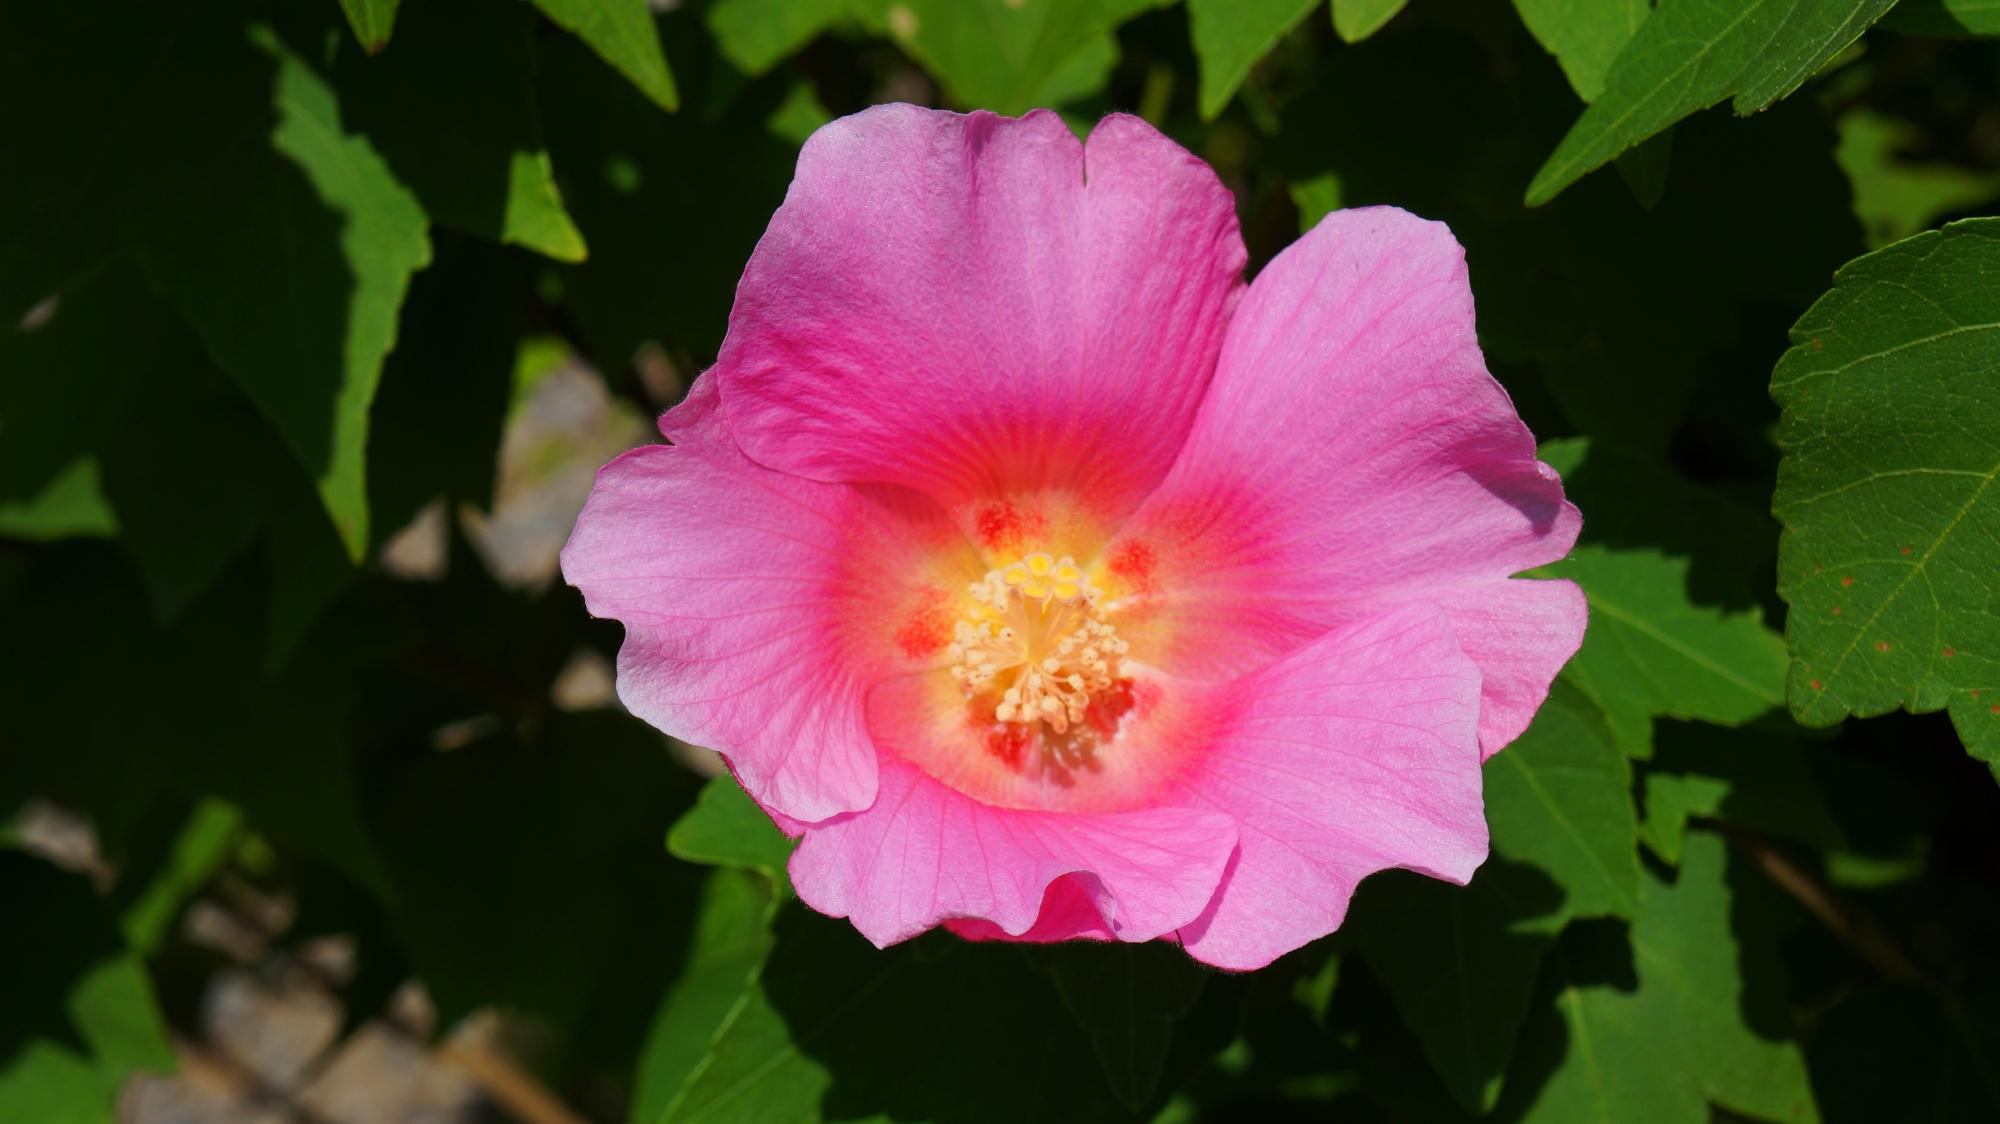 達磨寺の太陽を浴びて煌く満開の芙蓉の花